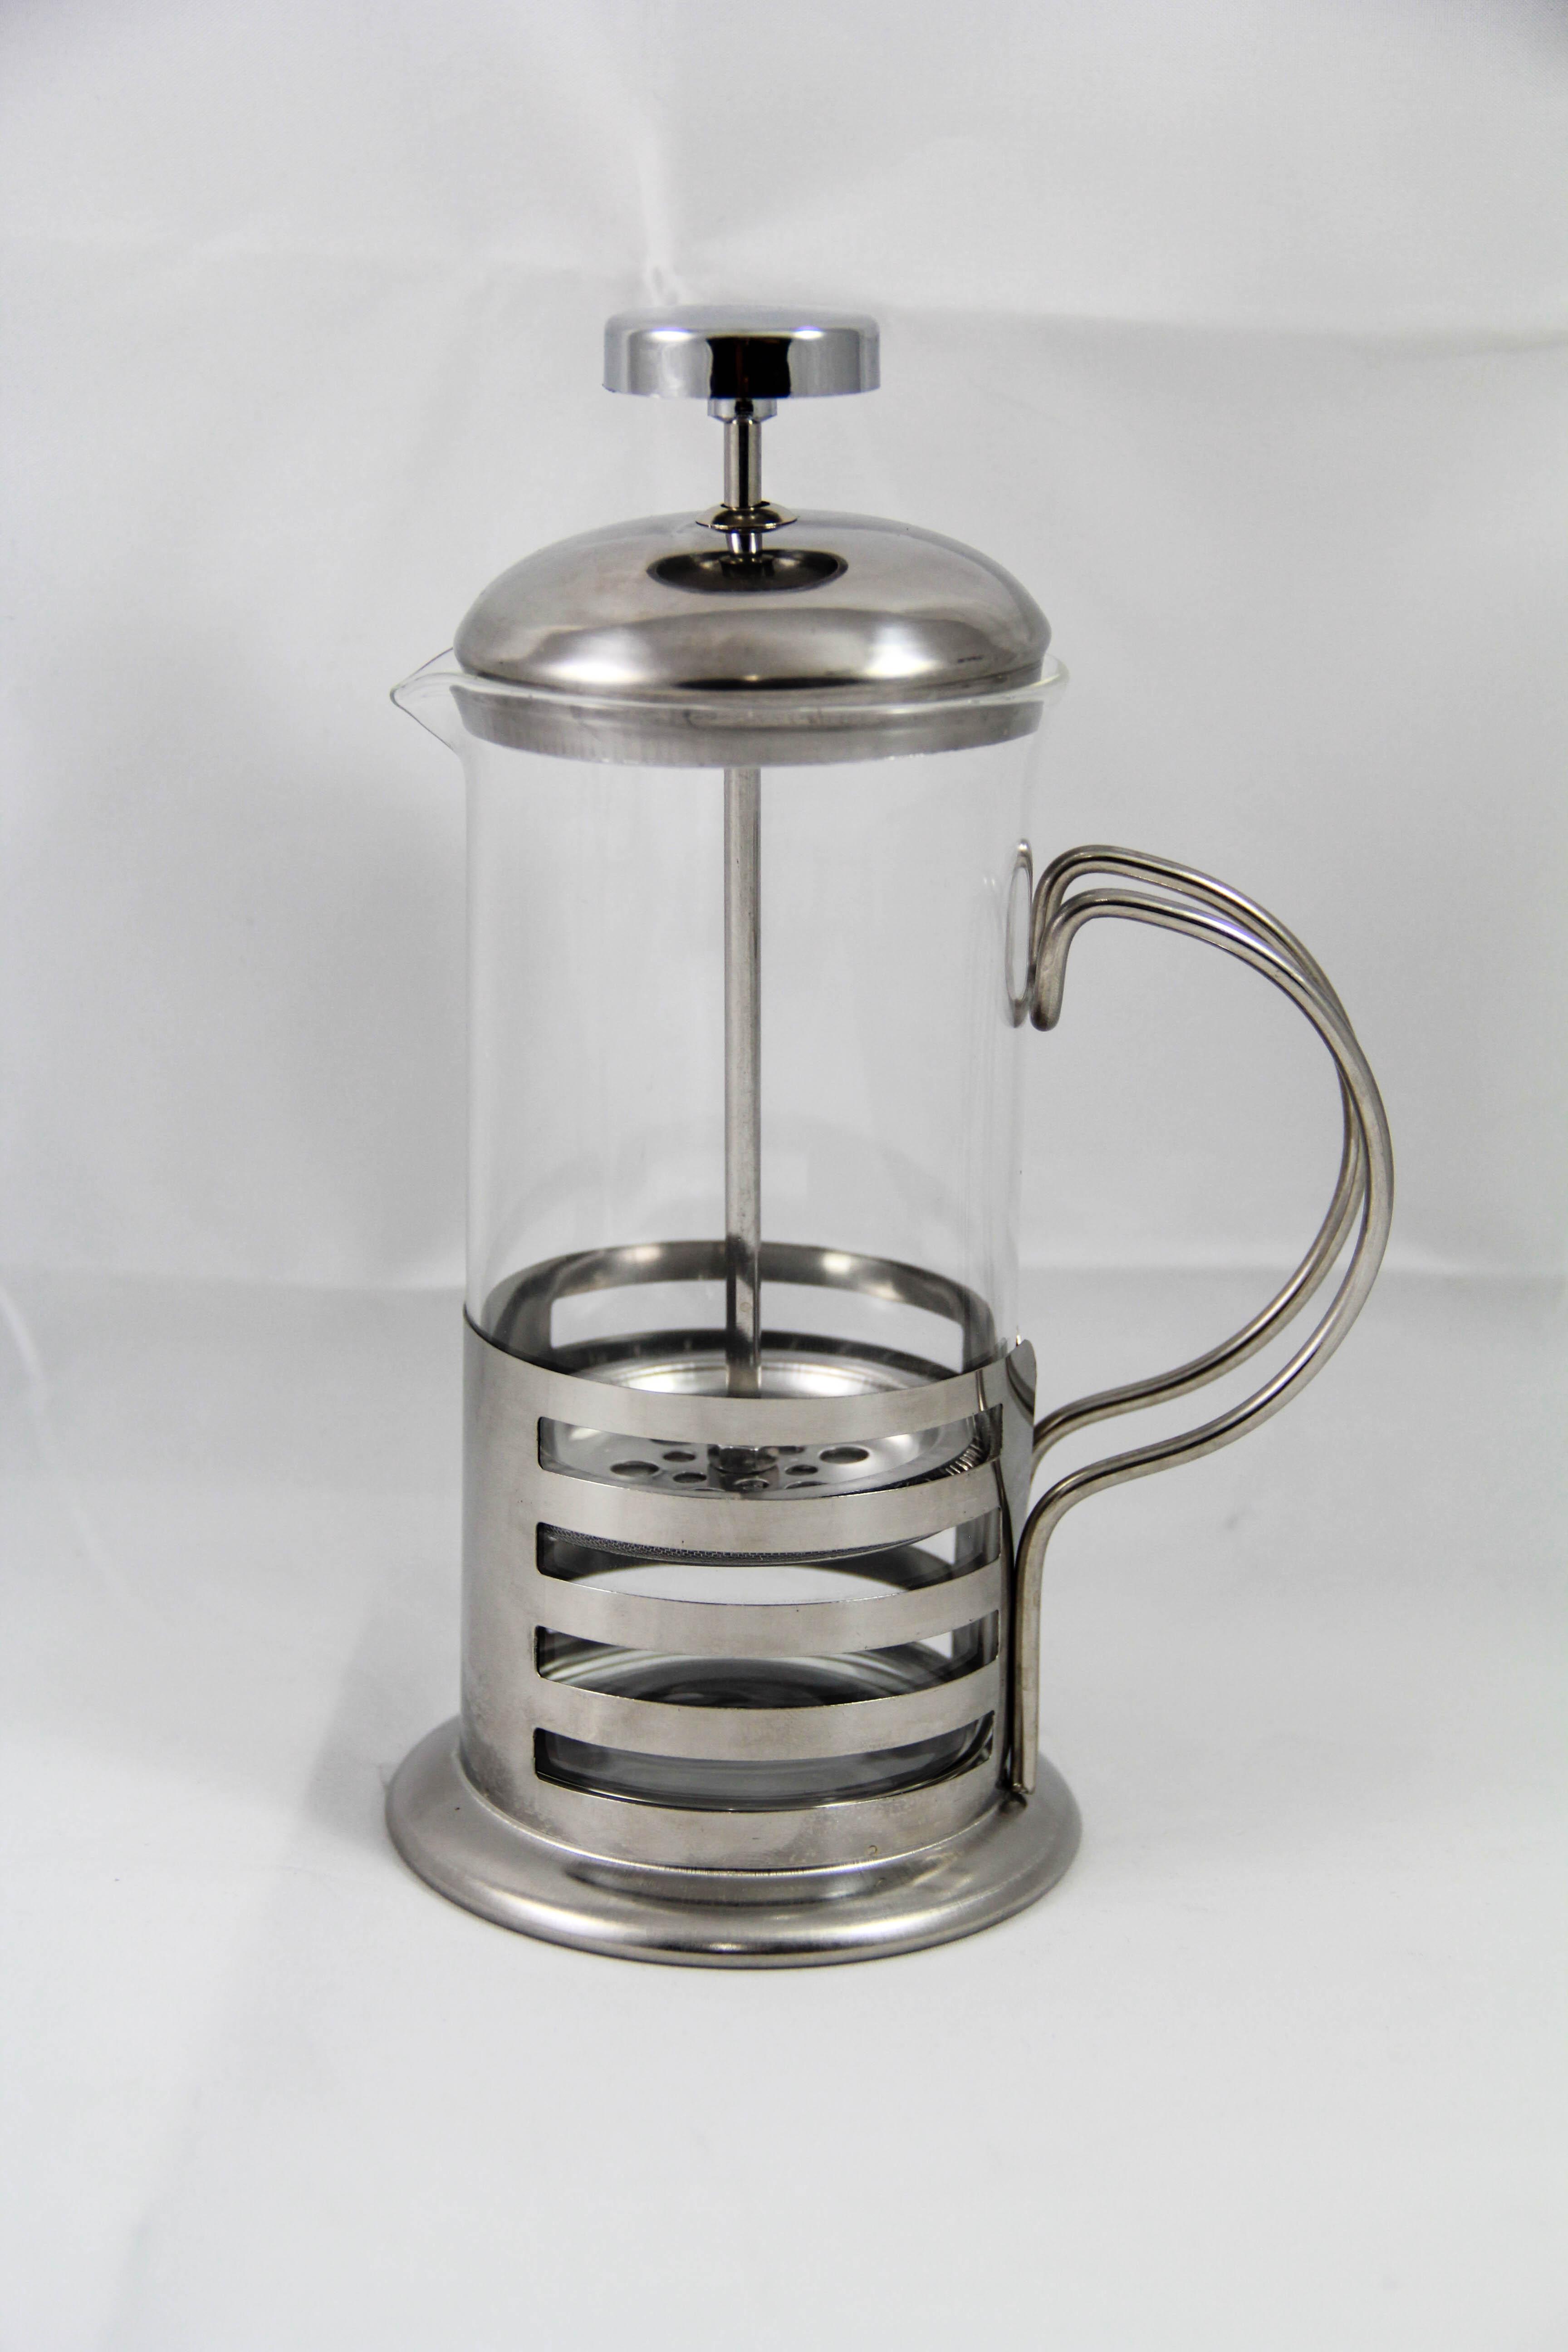 French Press กาชงชา / กาแฟ (สีเงิน)